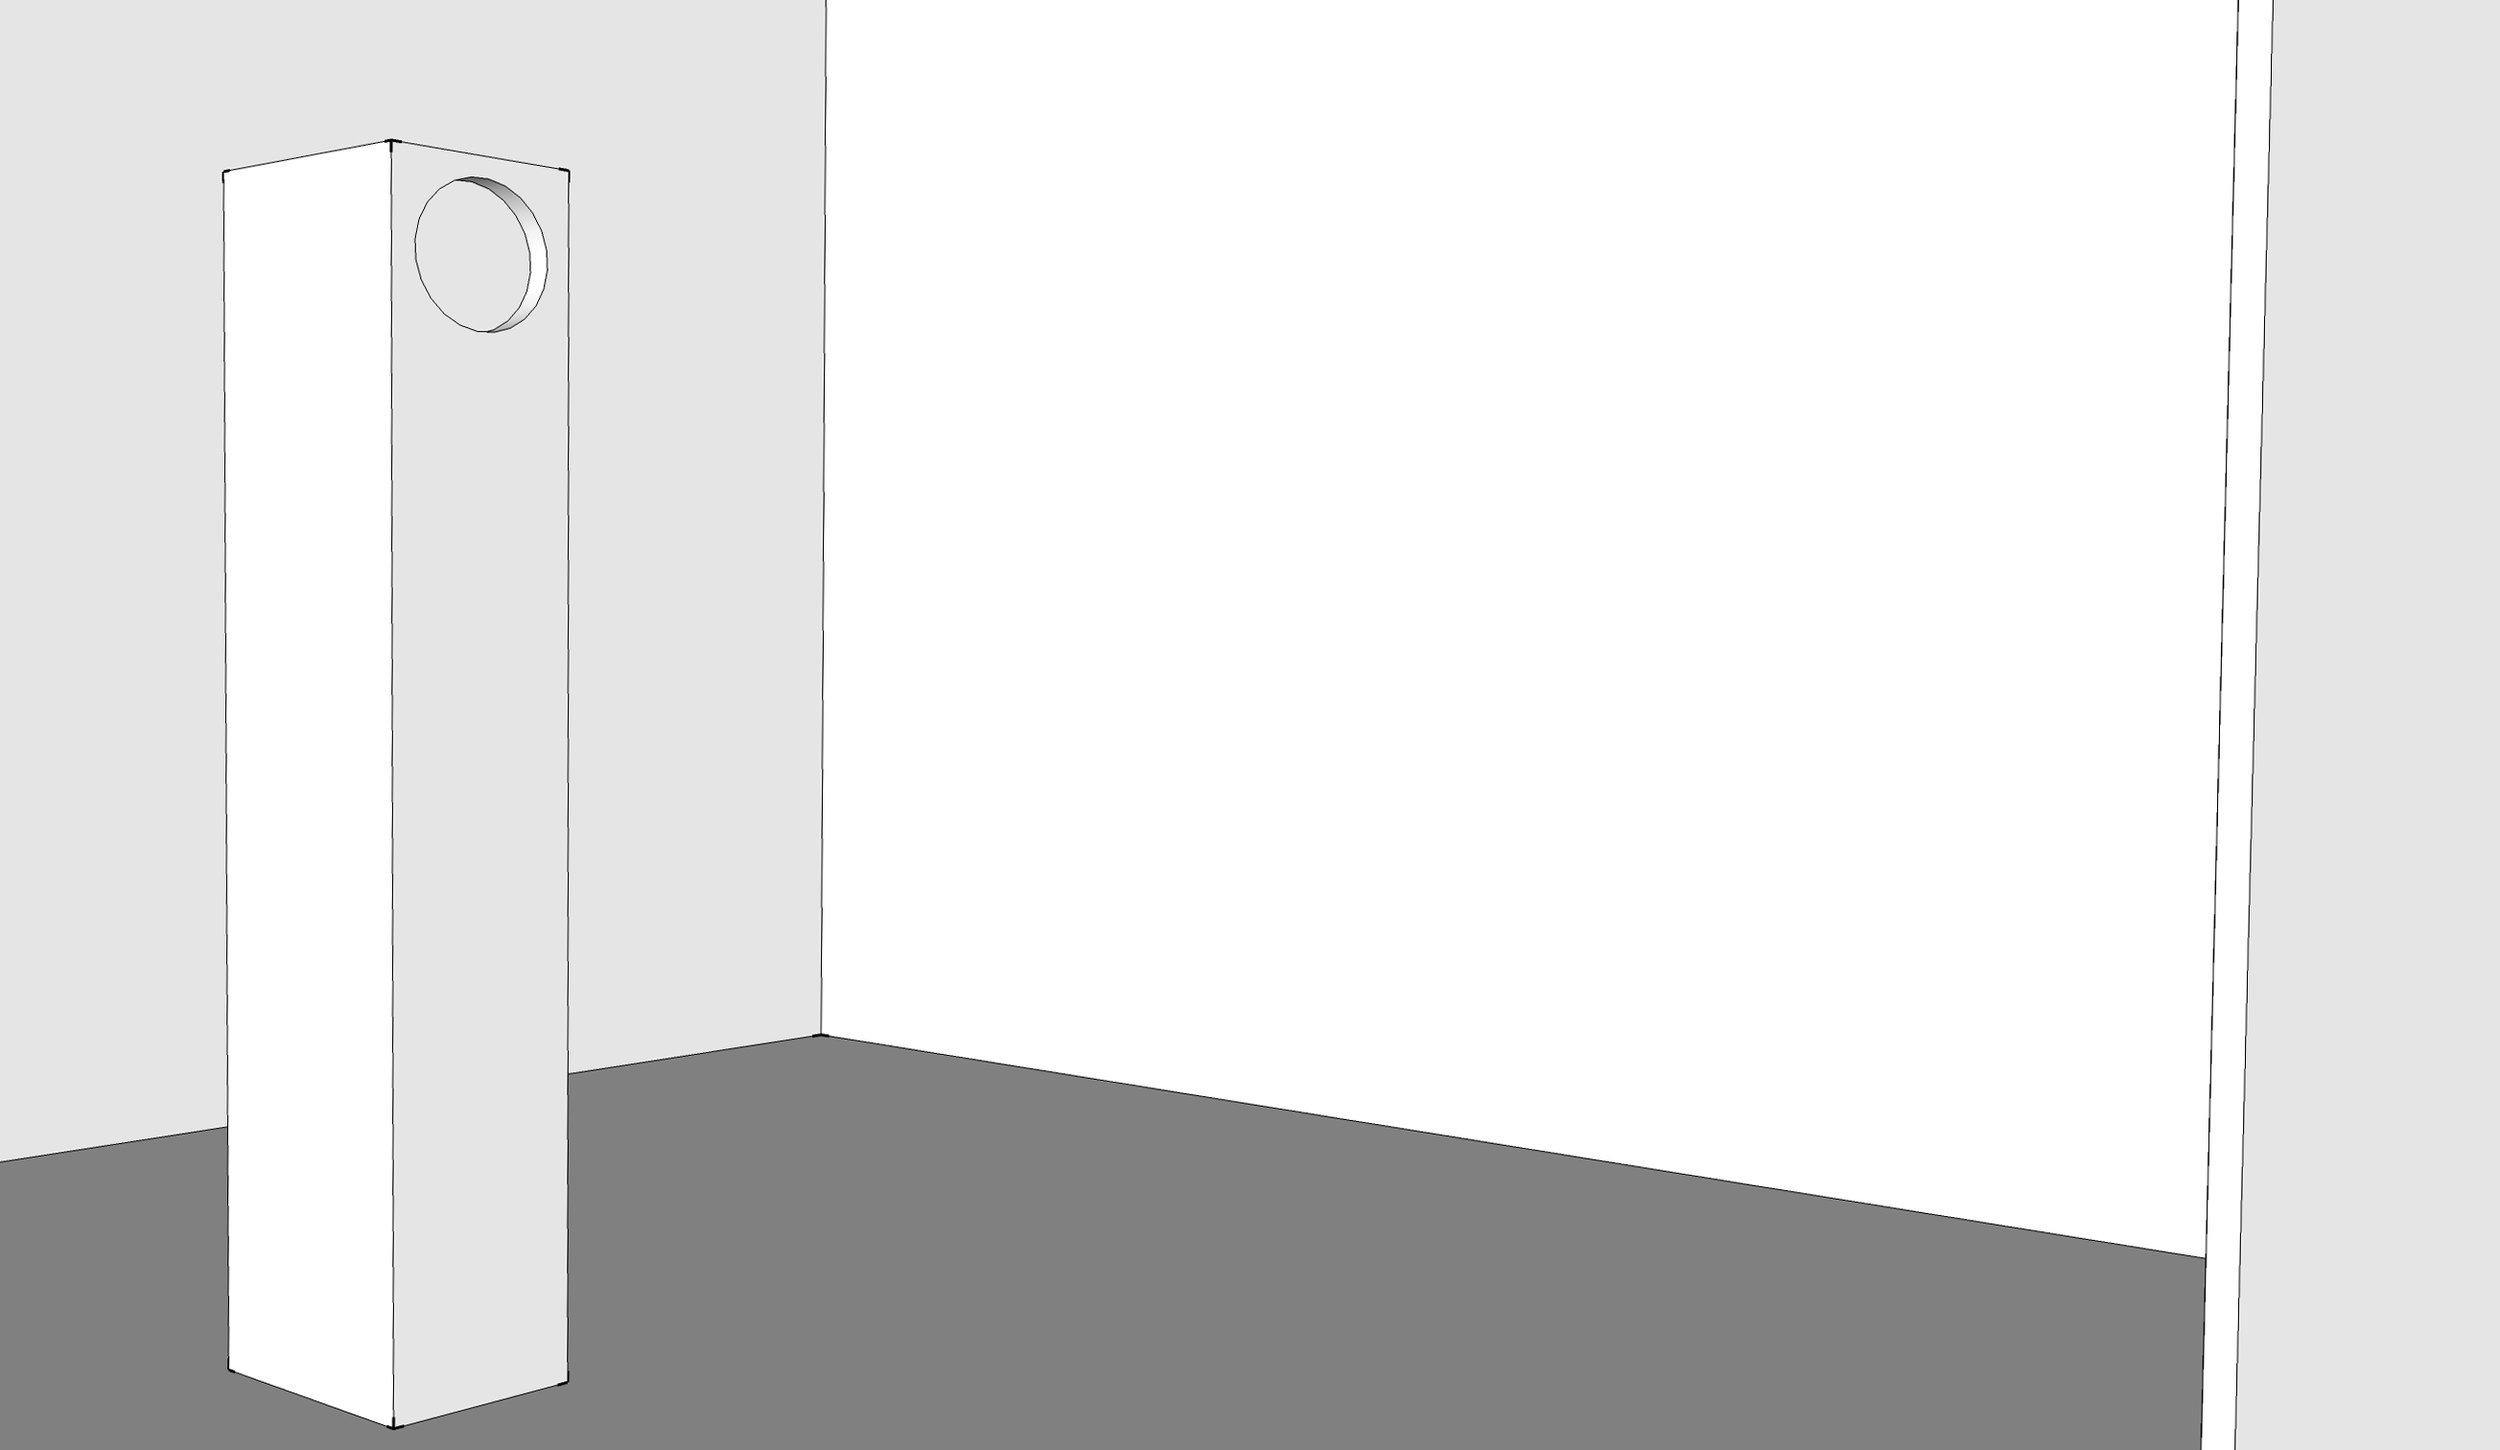 installation_sketch_facula2.jpg